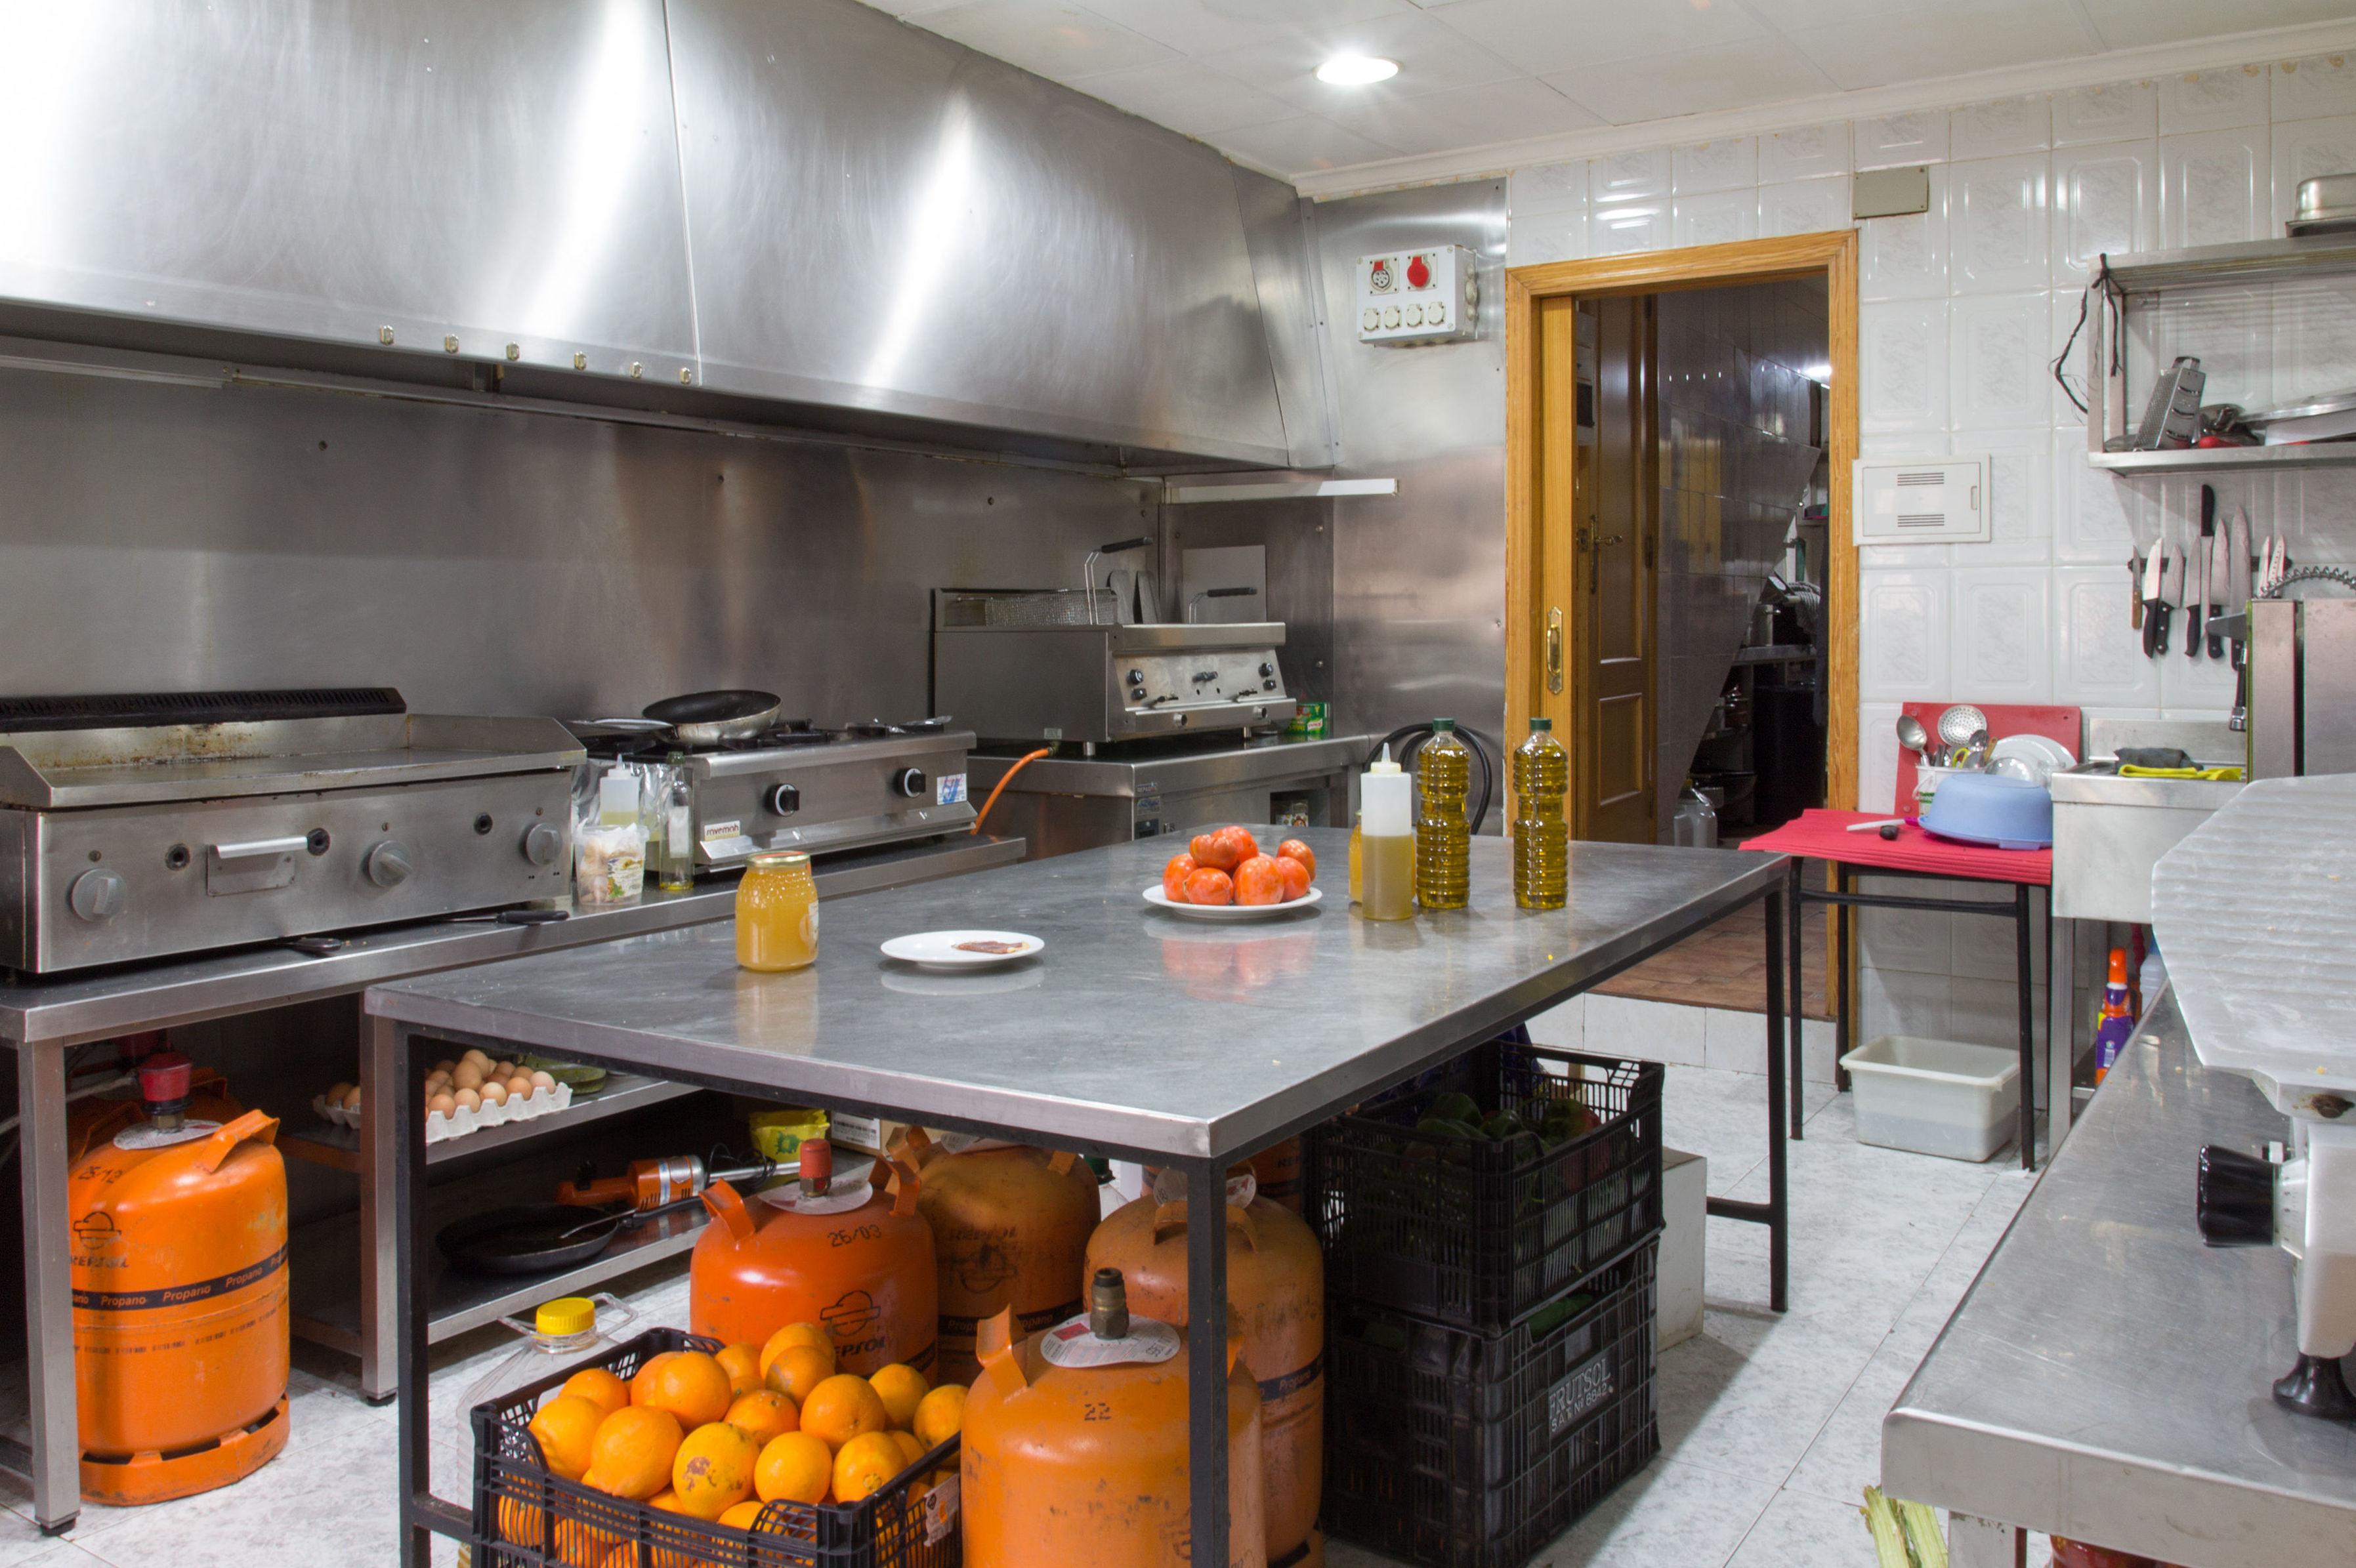 Restaurante de cocina casera tradicional en Cortes de Pallás